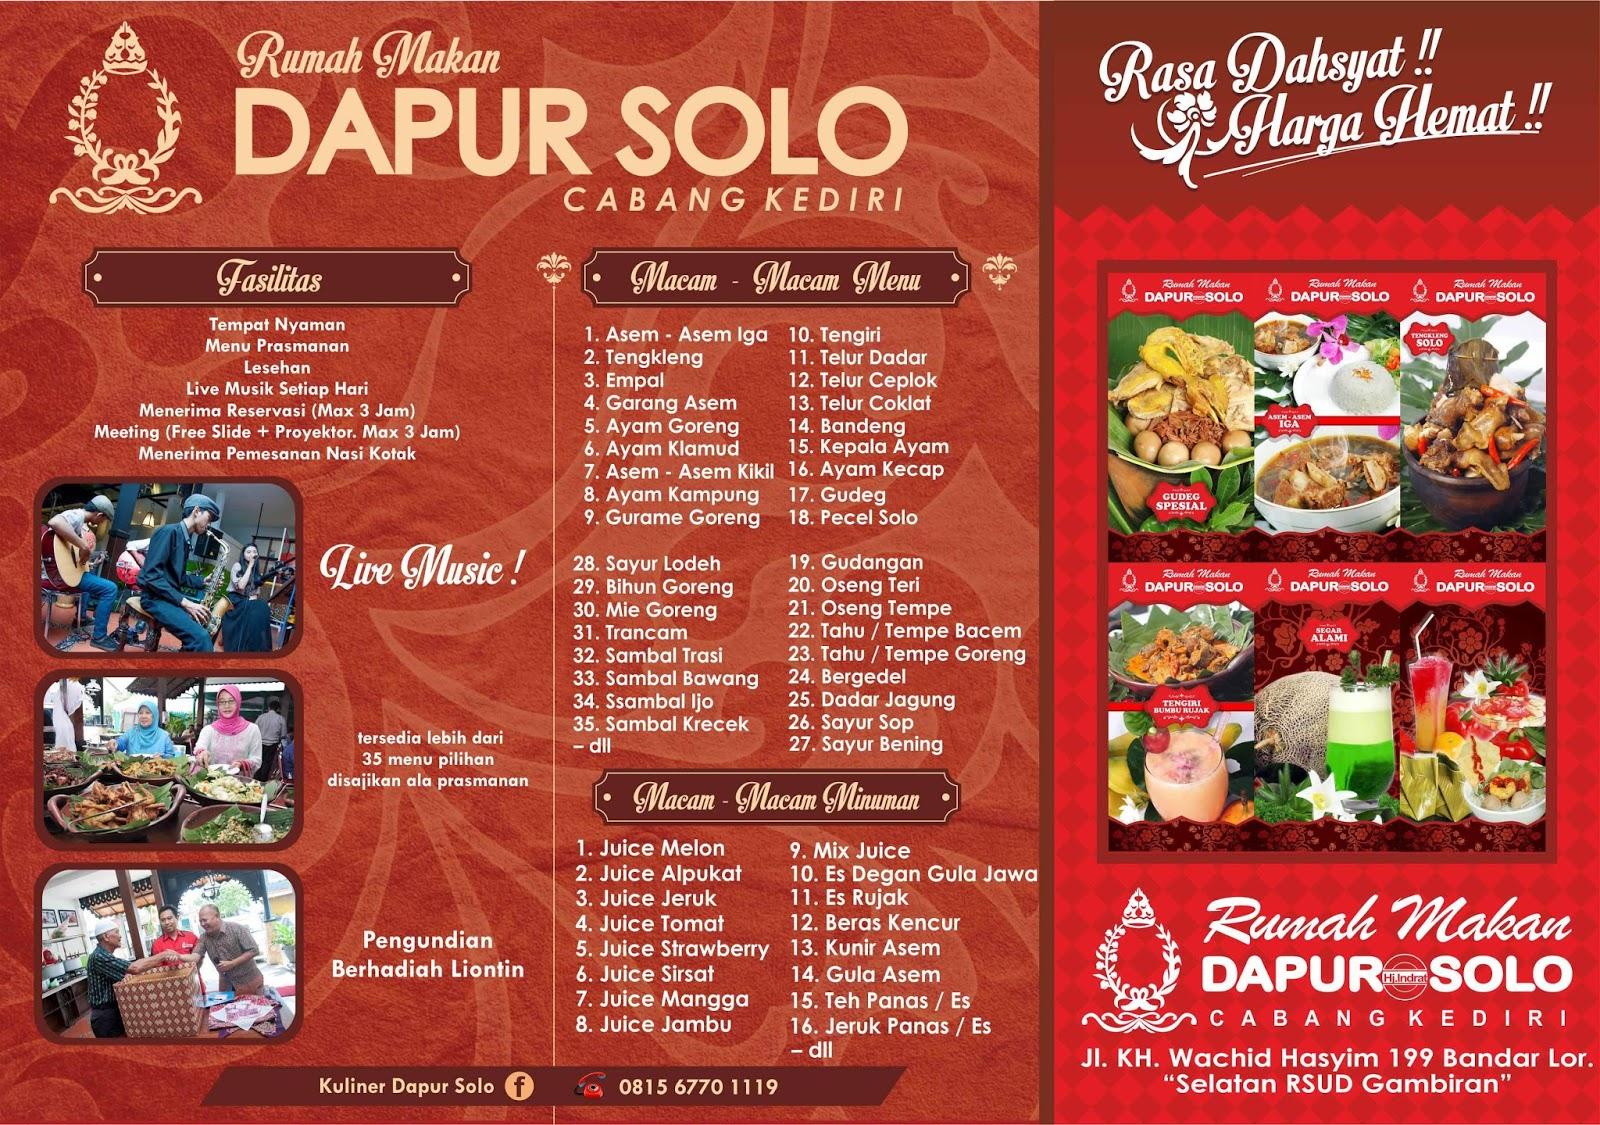 http://makananindonesia-top.blogspot.co.id/2014/10/5-makanan-khas-kediri-yang-terkenal.html